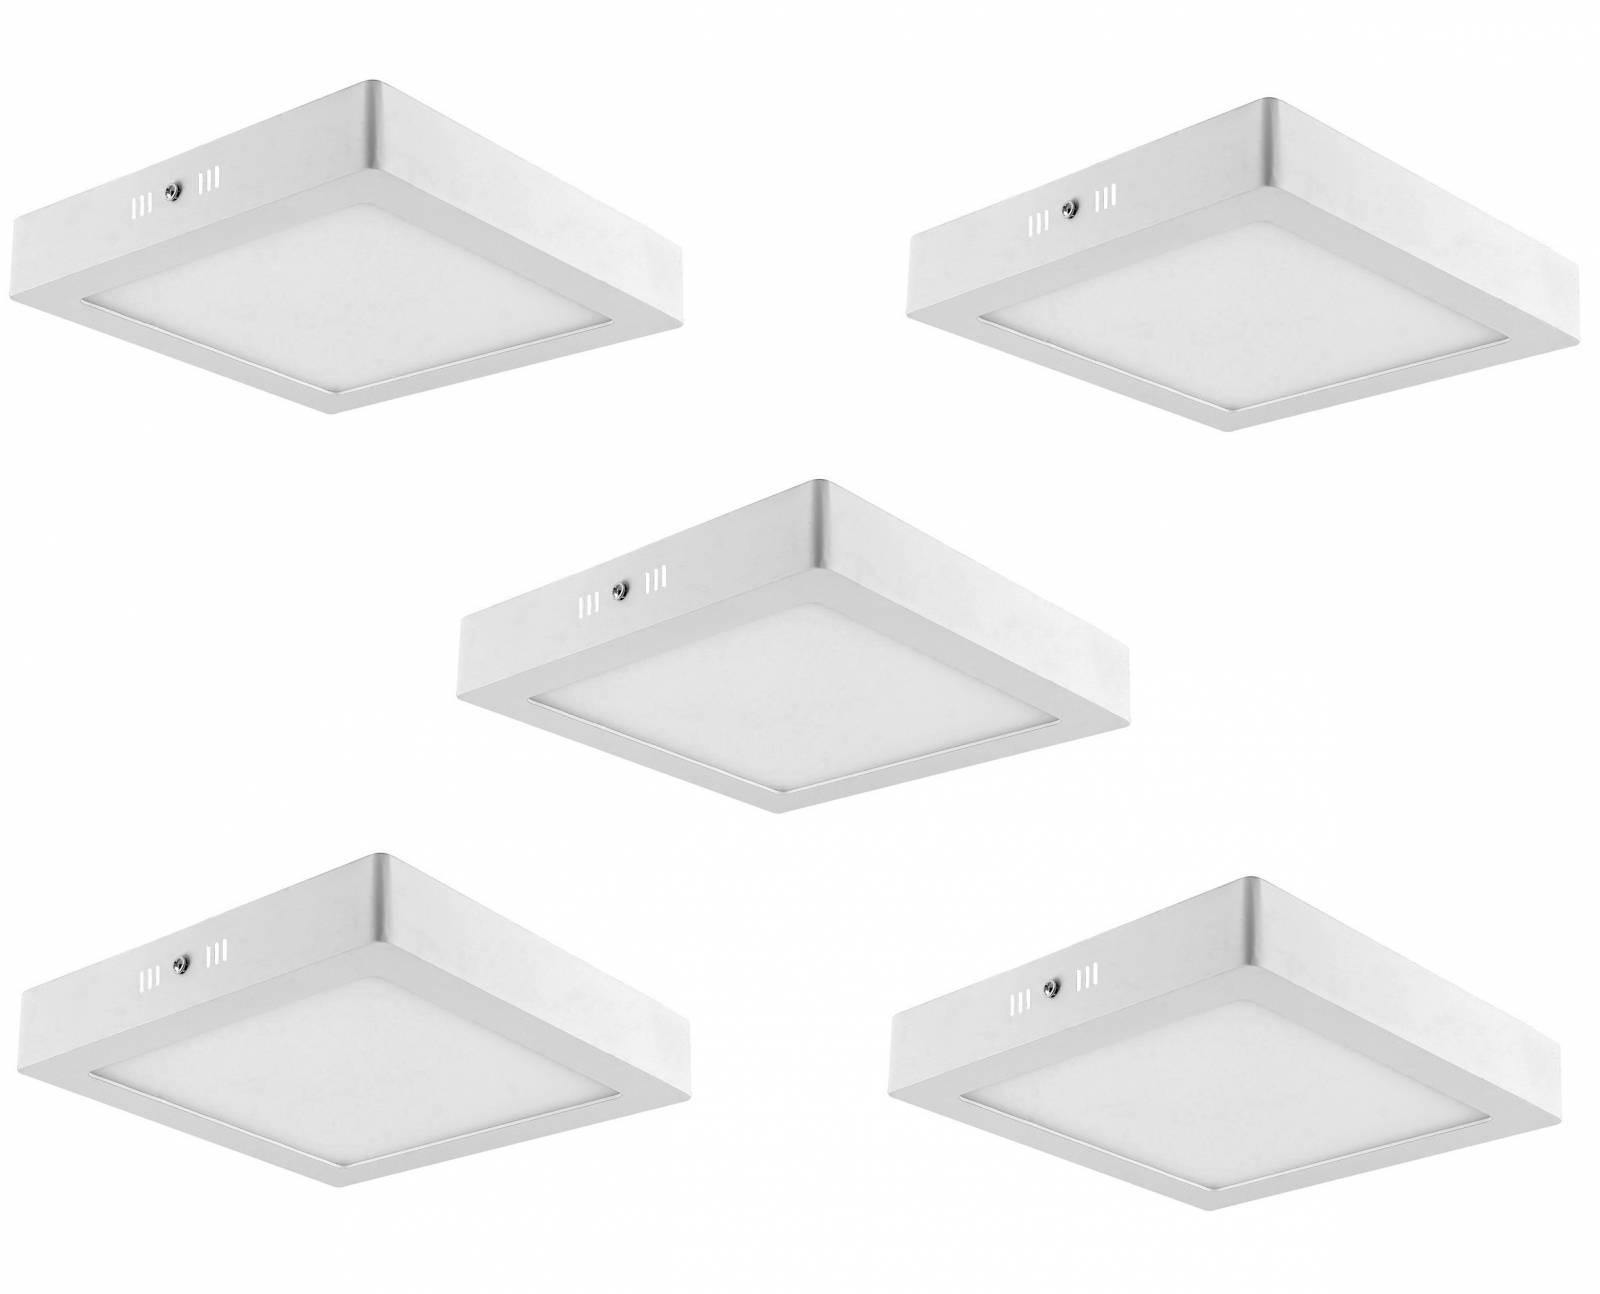 Kit 5 Luminária Plafon Led De Sobrepor 18w Quadrada Branco  - LCGELETRO